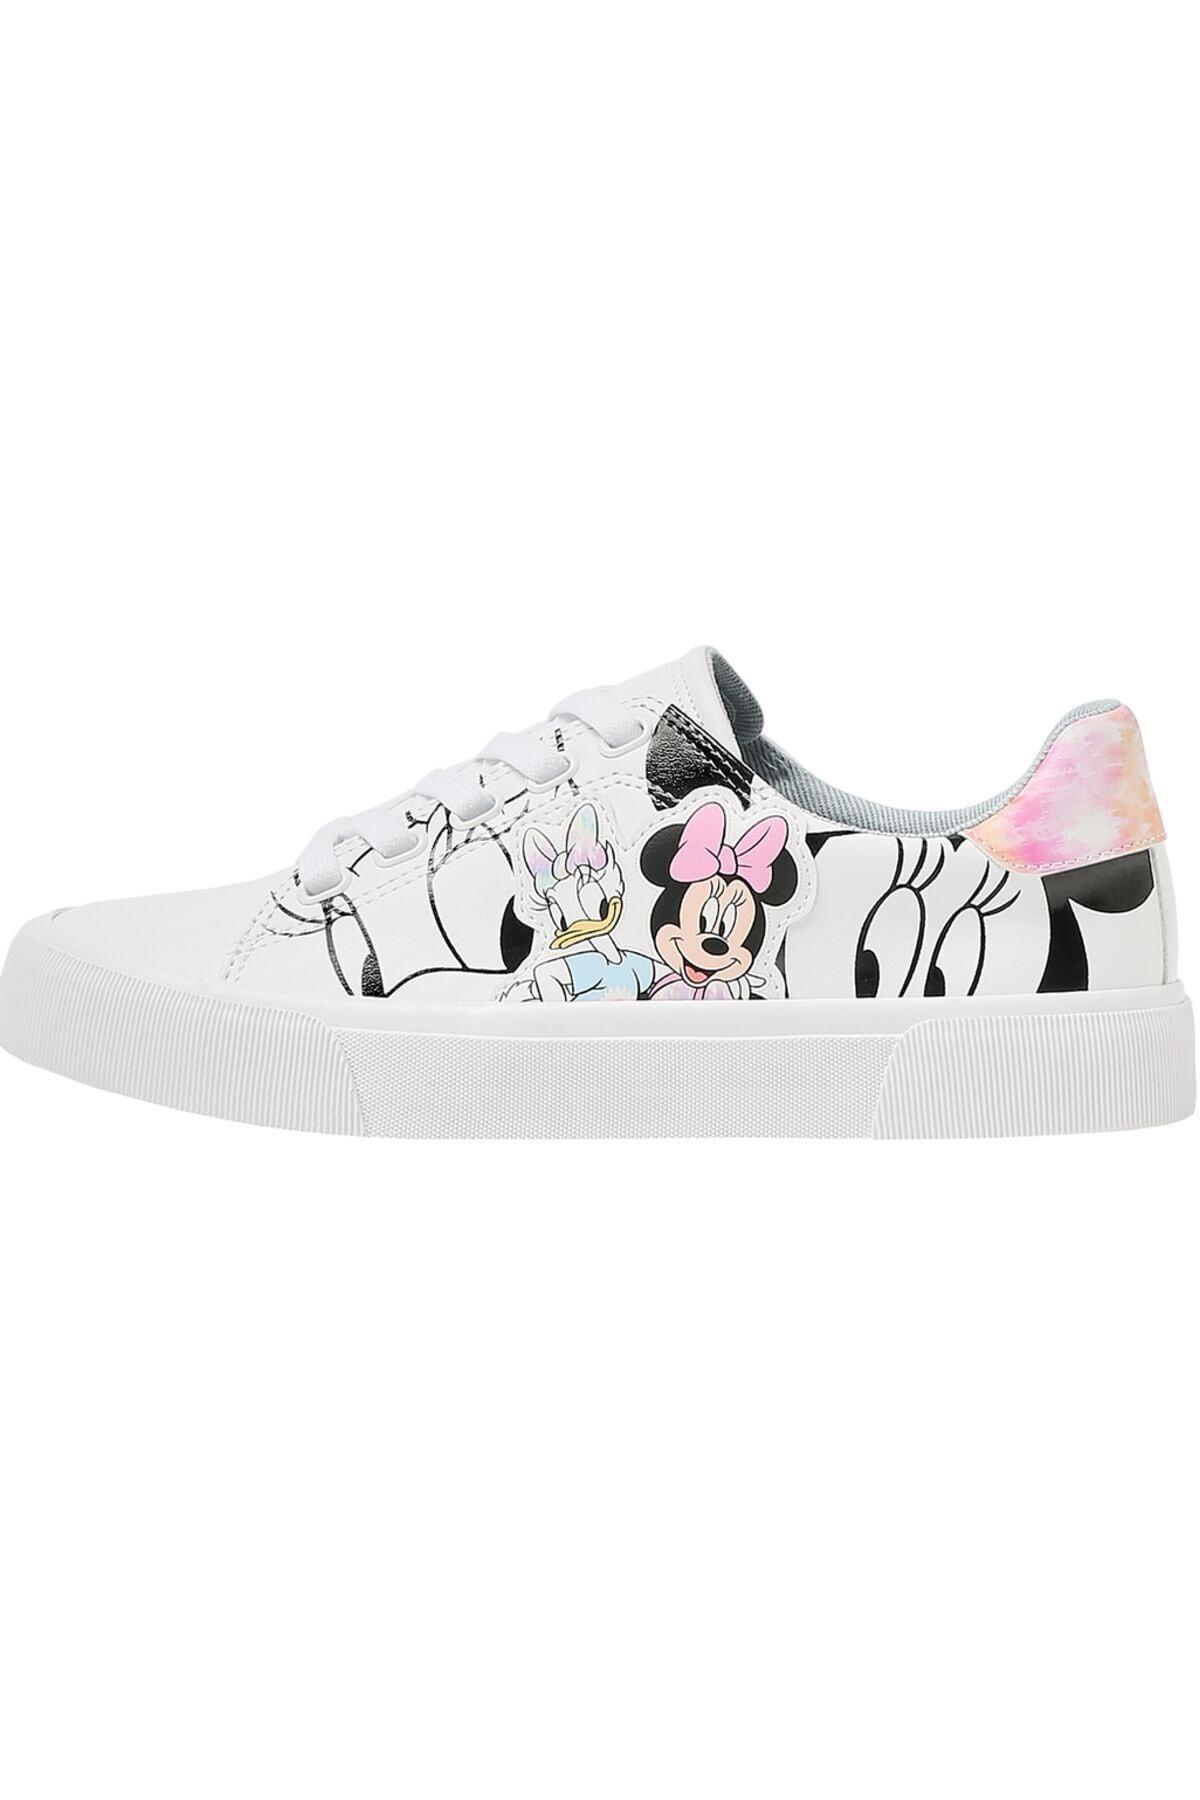 Bershka Minnie Daisy Baskılı Spor Ayakkabı 2